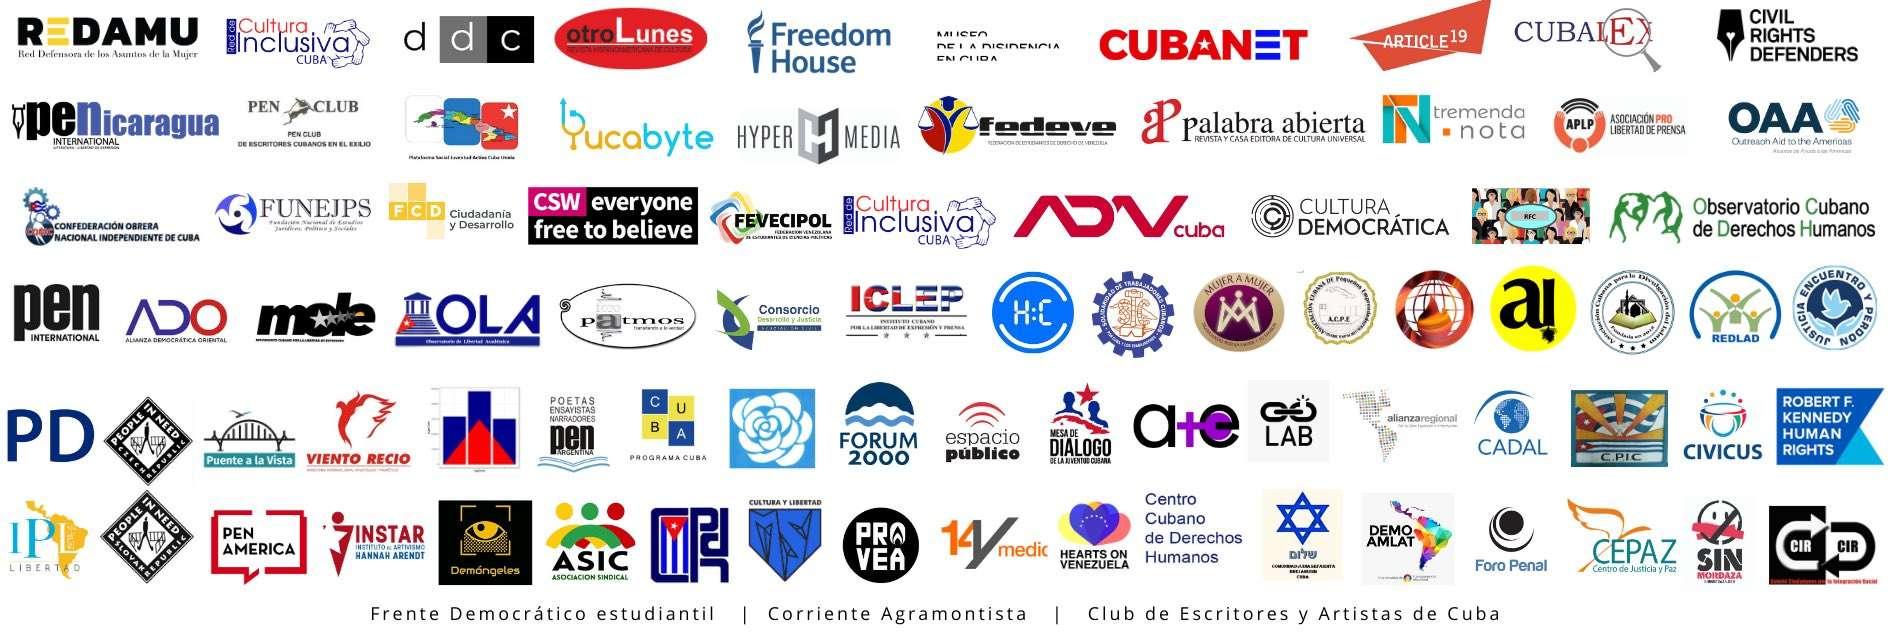 Derechos humanos Cuba 85 organizaciones de la sociedad civil expresan preocupación por el reingreso de Cuba al Consejo de DDHH de la ONU